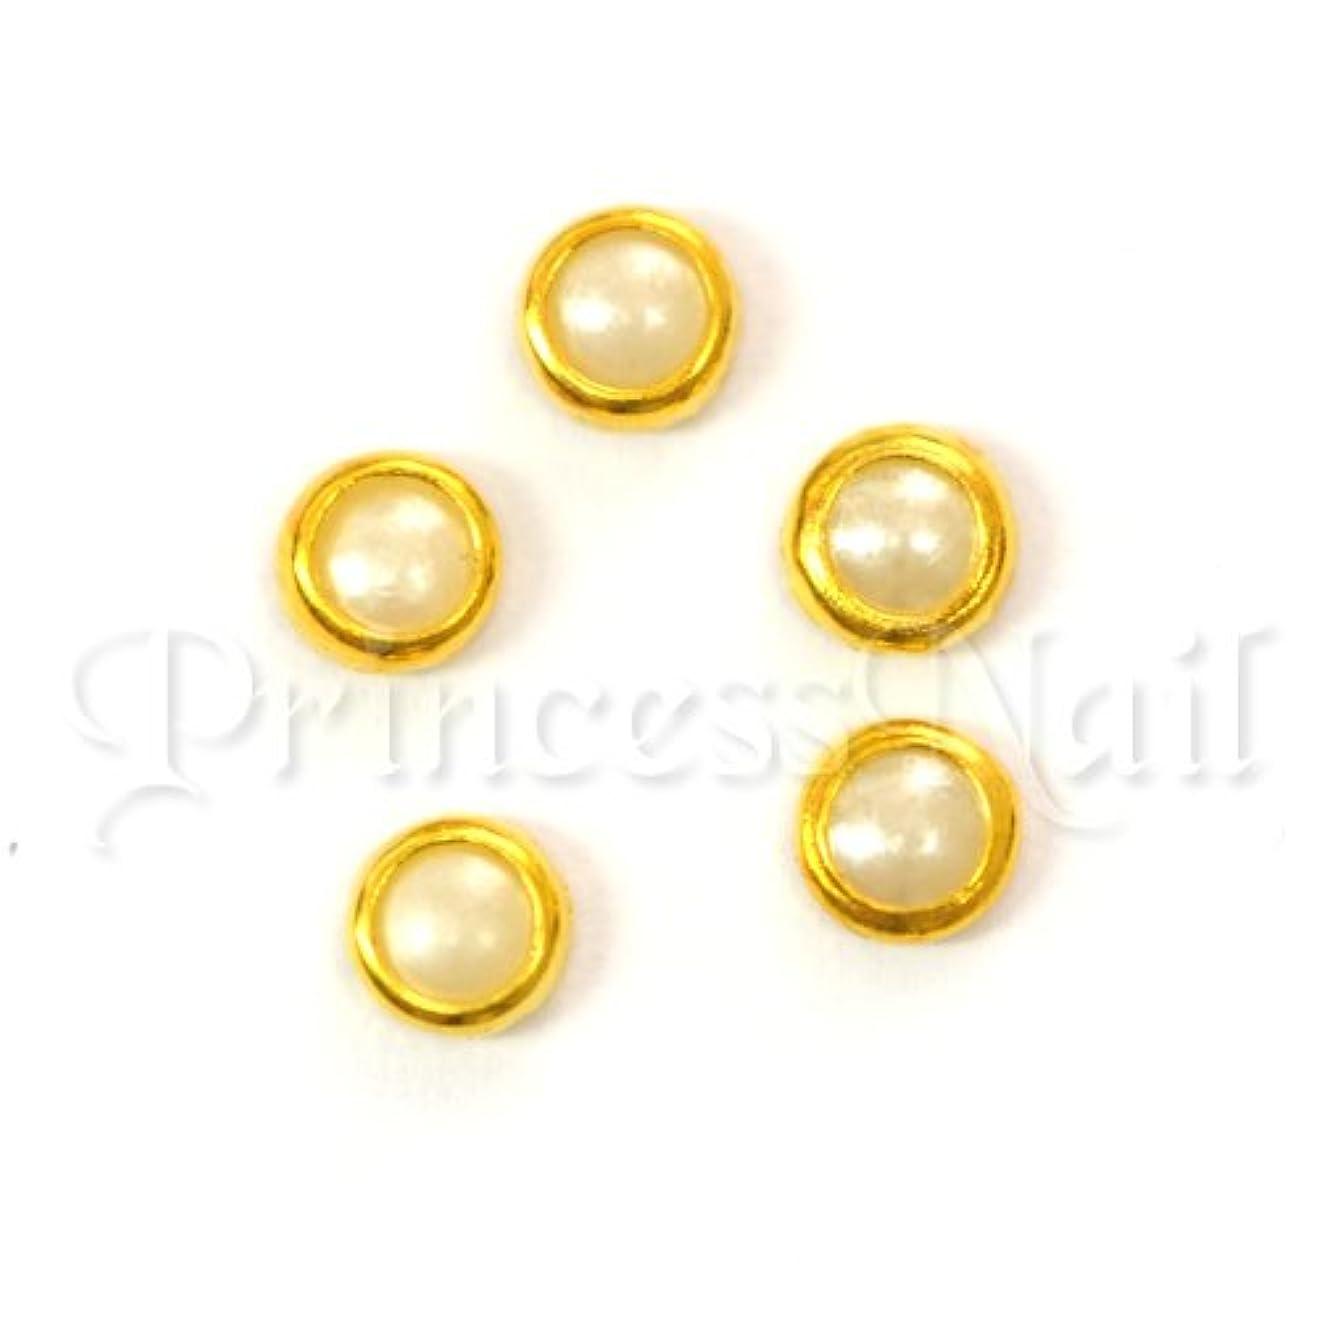 静かな抑圧者尊厳ストーンエッジにパールがハマった綺麗なパーツ パールリム(ゴールド) (4mm(20粒))